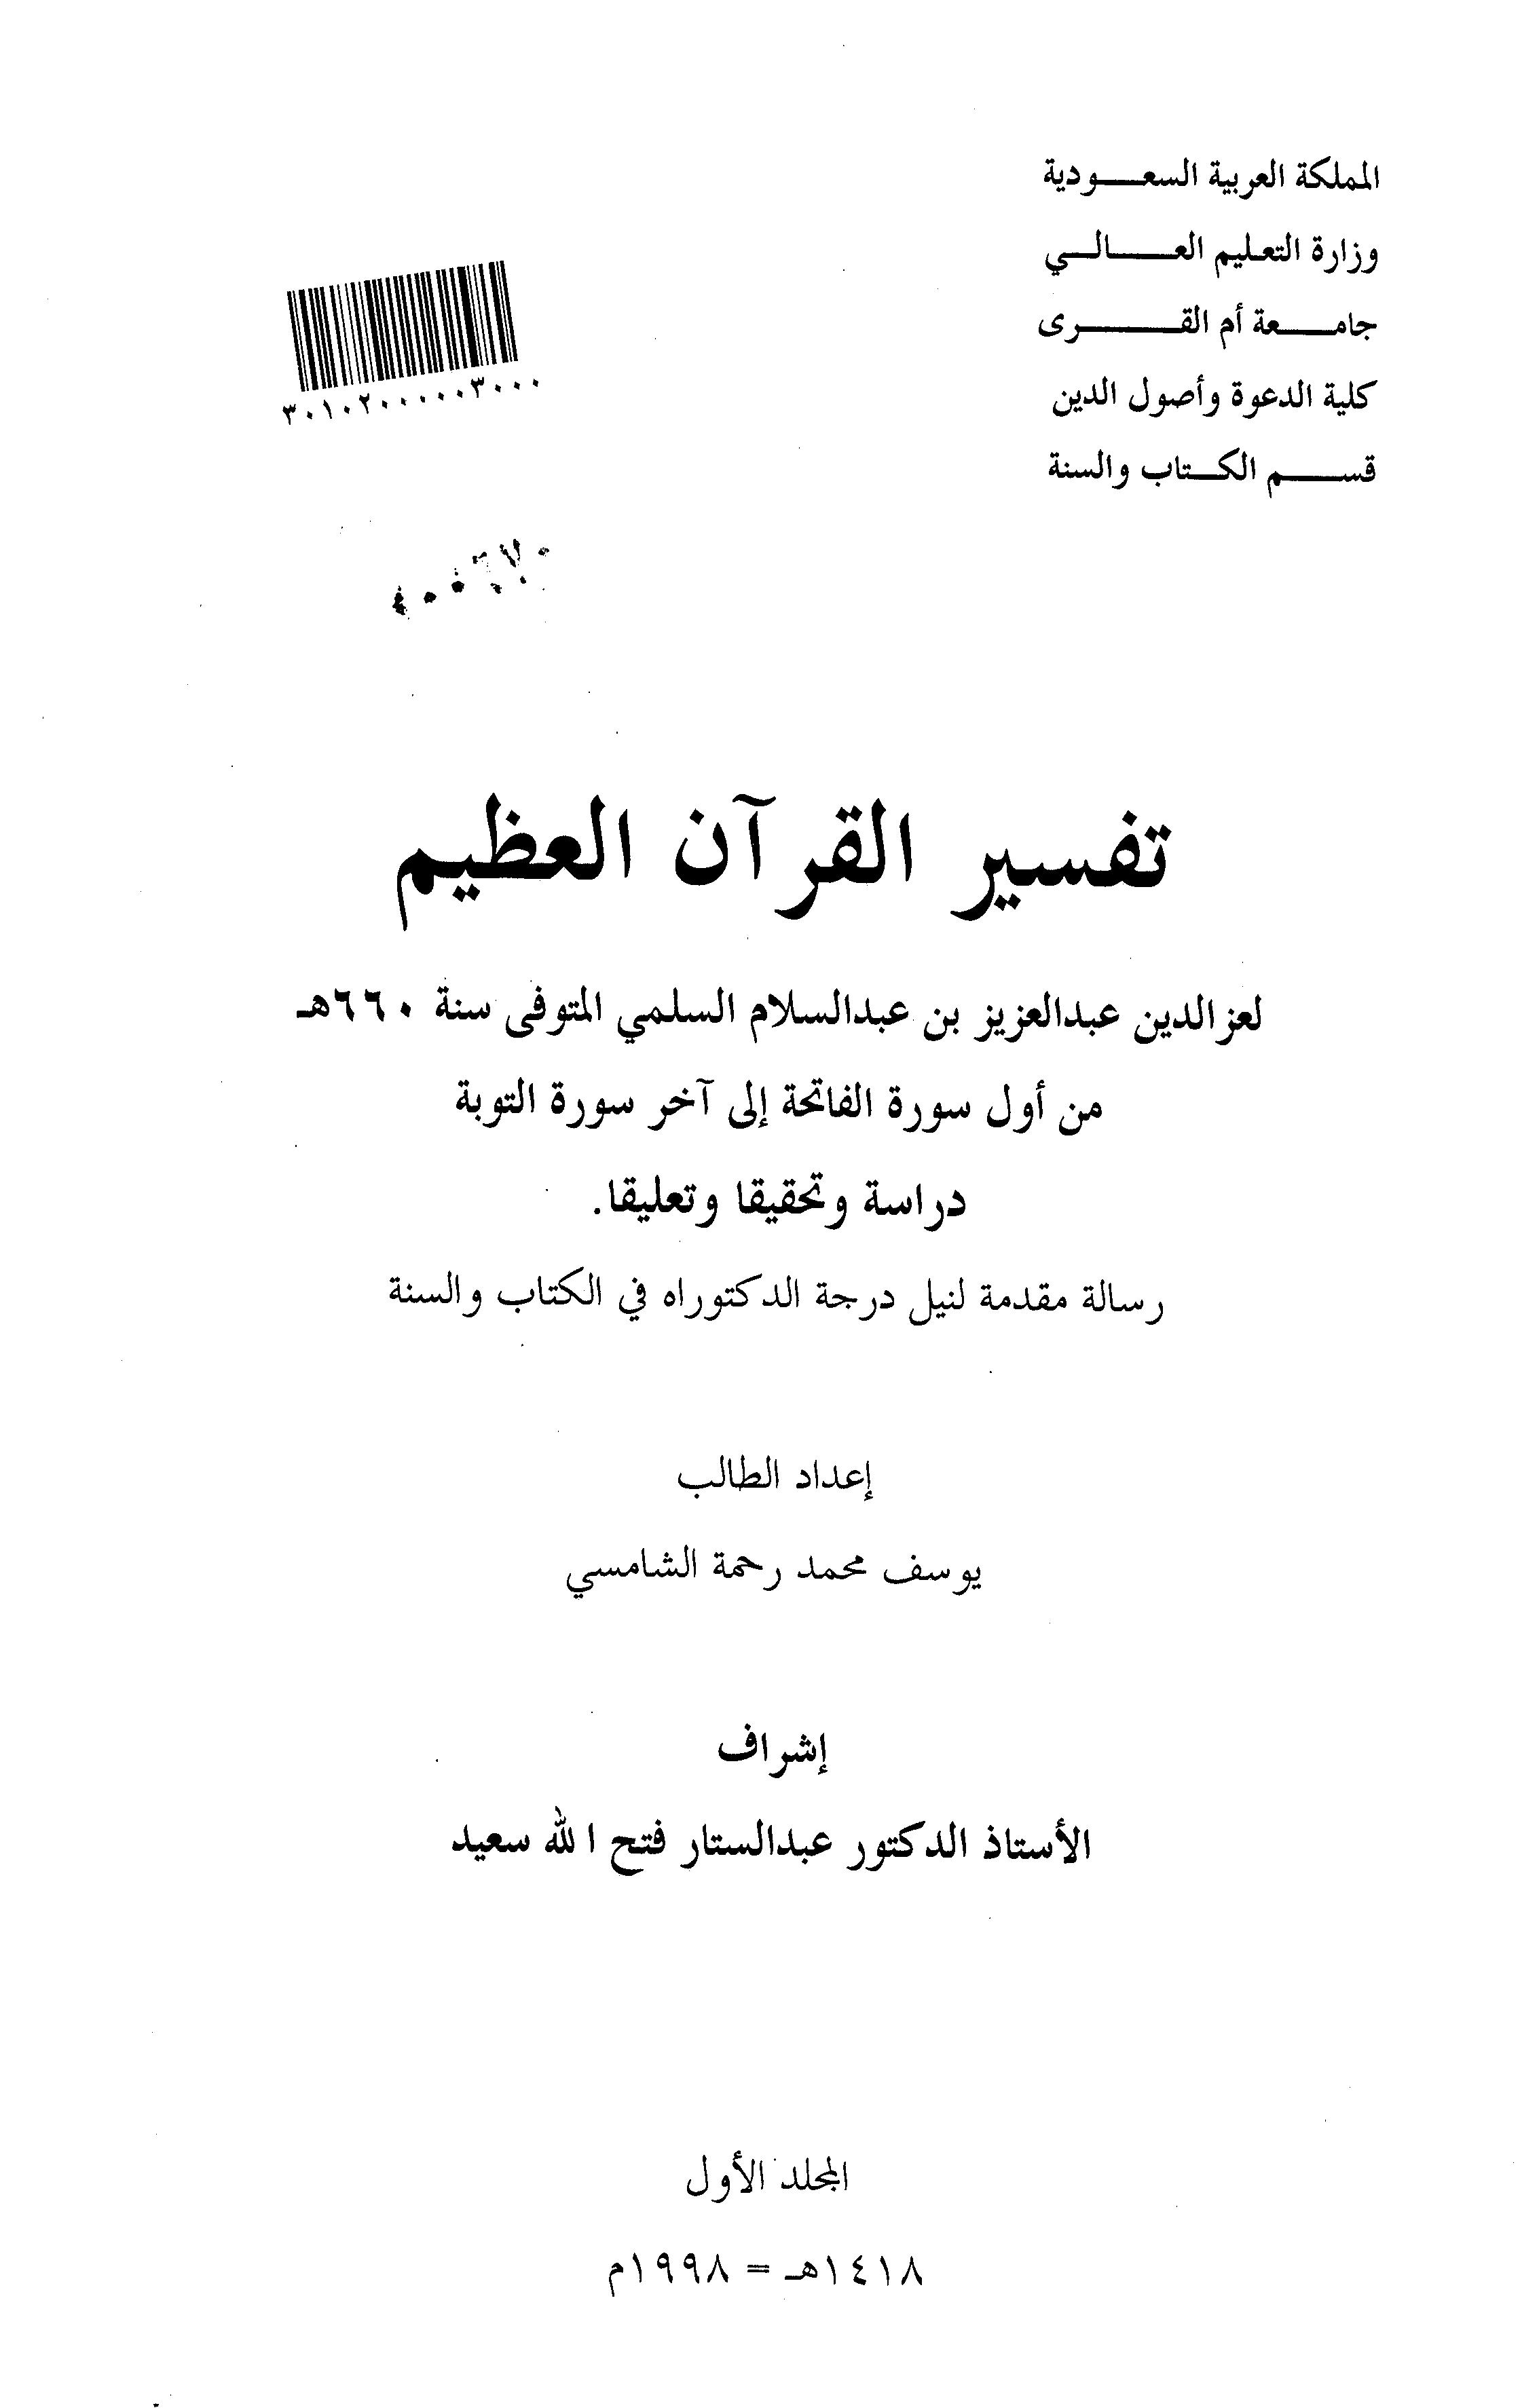 تحميل كتاب تفسير القرآن العظيم (من أول سورة الفاتحة إلى آخر سورة التوبة) دراسةً وتحقيقًا وتعليقًا لـِ: الإمام أبو محمد عز الدين عبد العزيز بن عبد السلام السلمي الدمشقي، سلطان العلماء (ت 660)